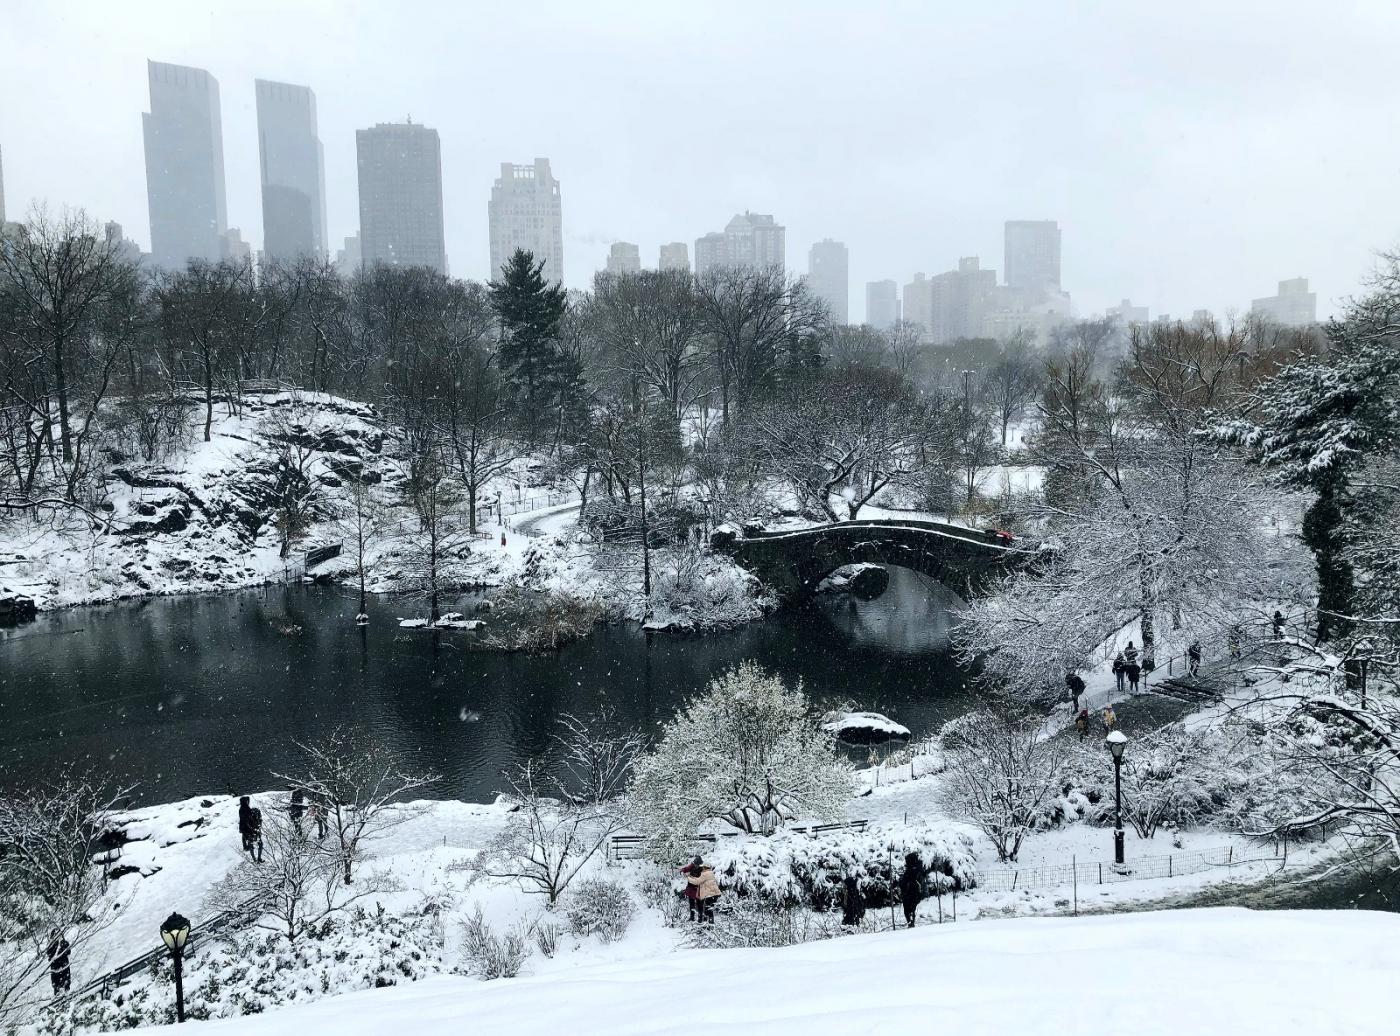 【田螺手机摄影】在纽约市拍雪景、还是中央公园最漂亮_图1-1